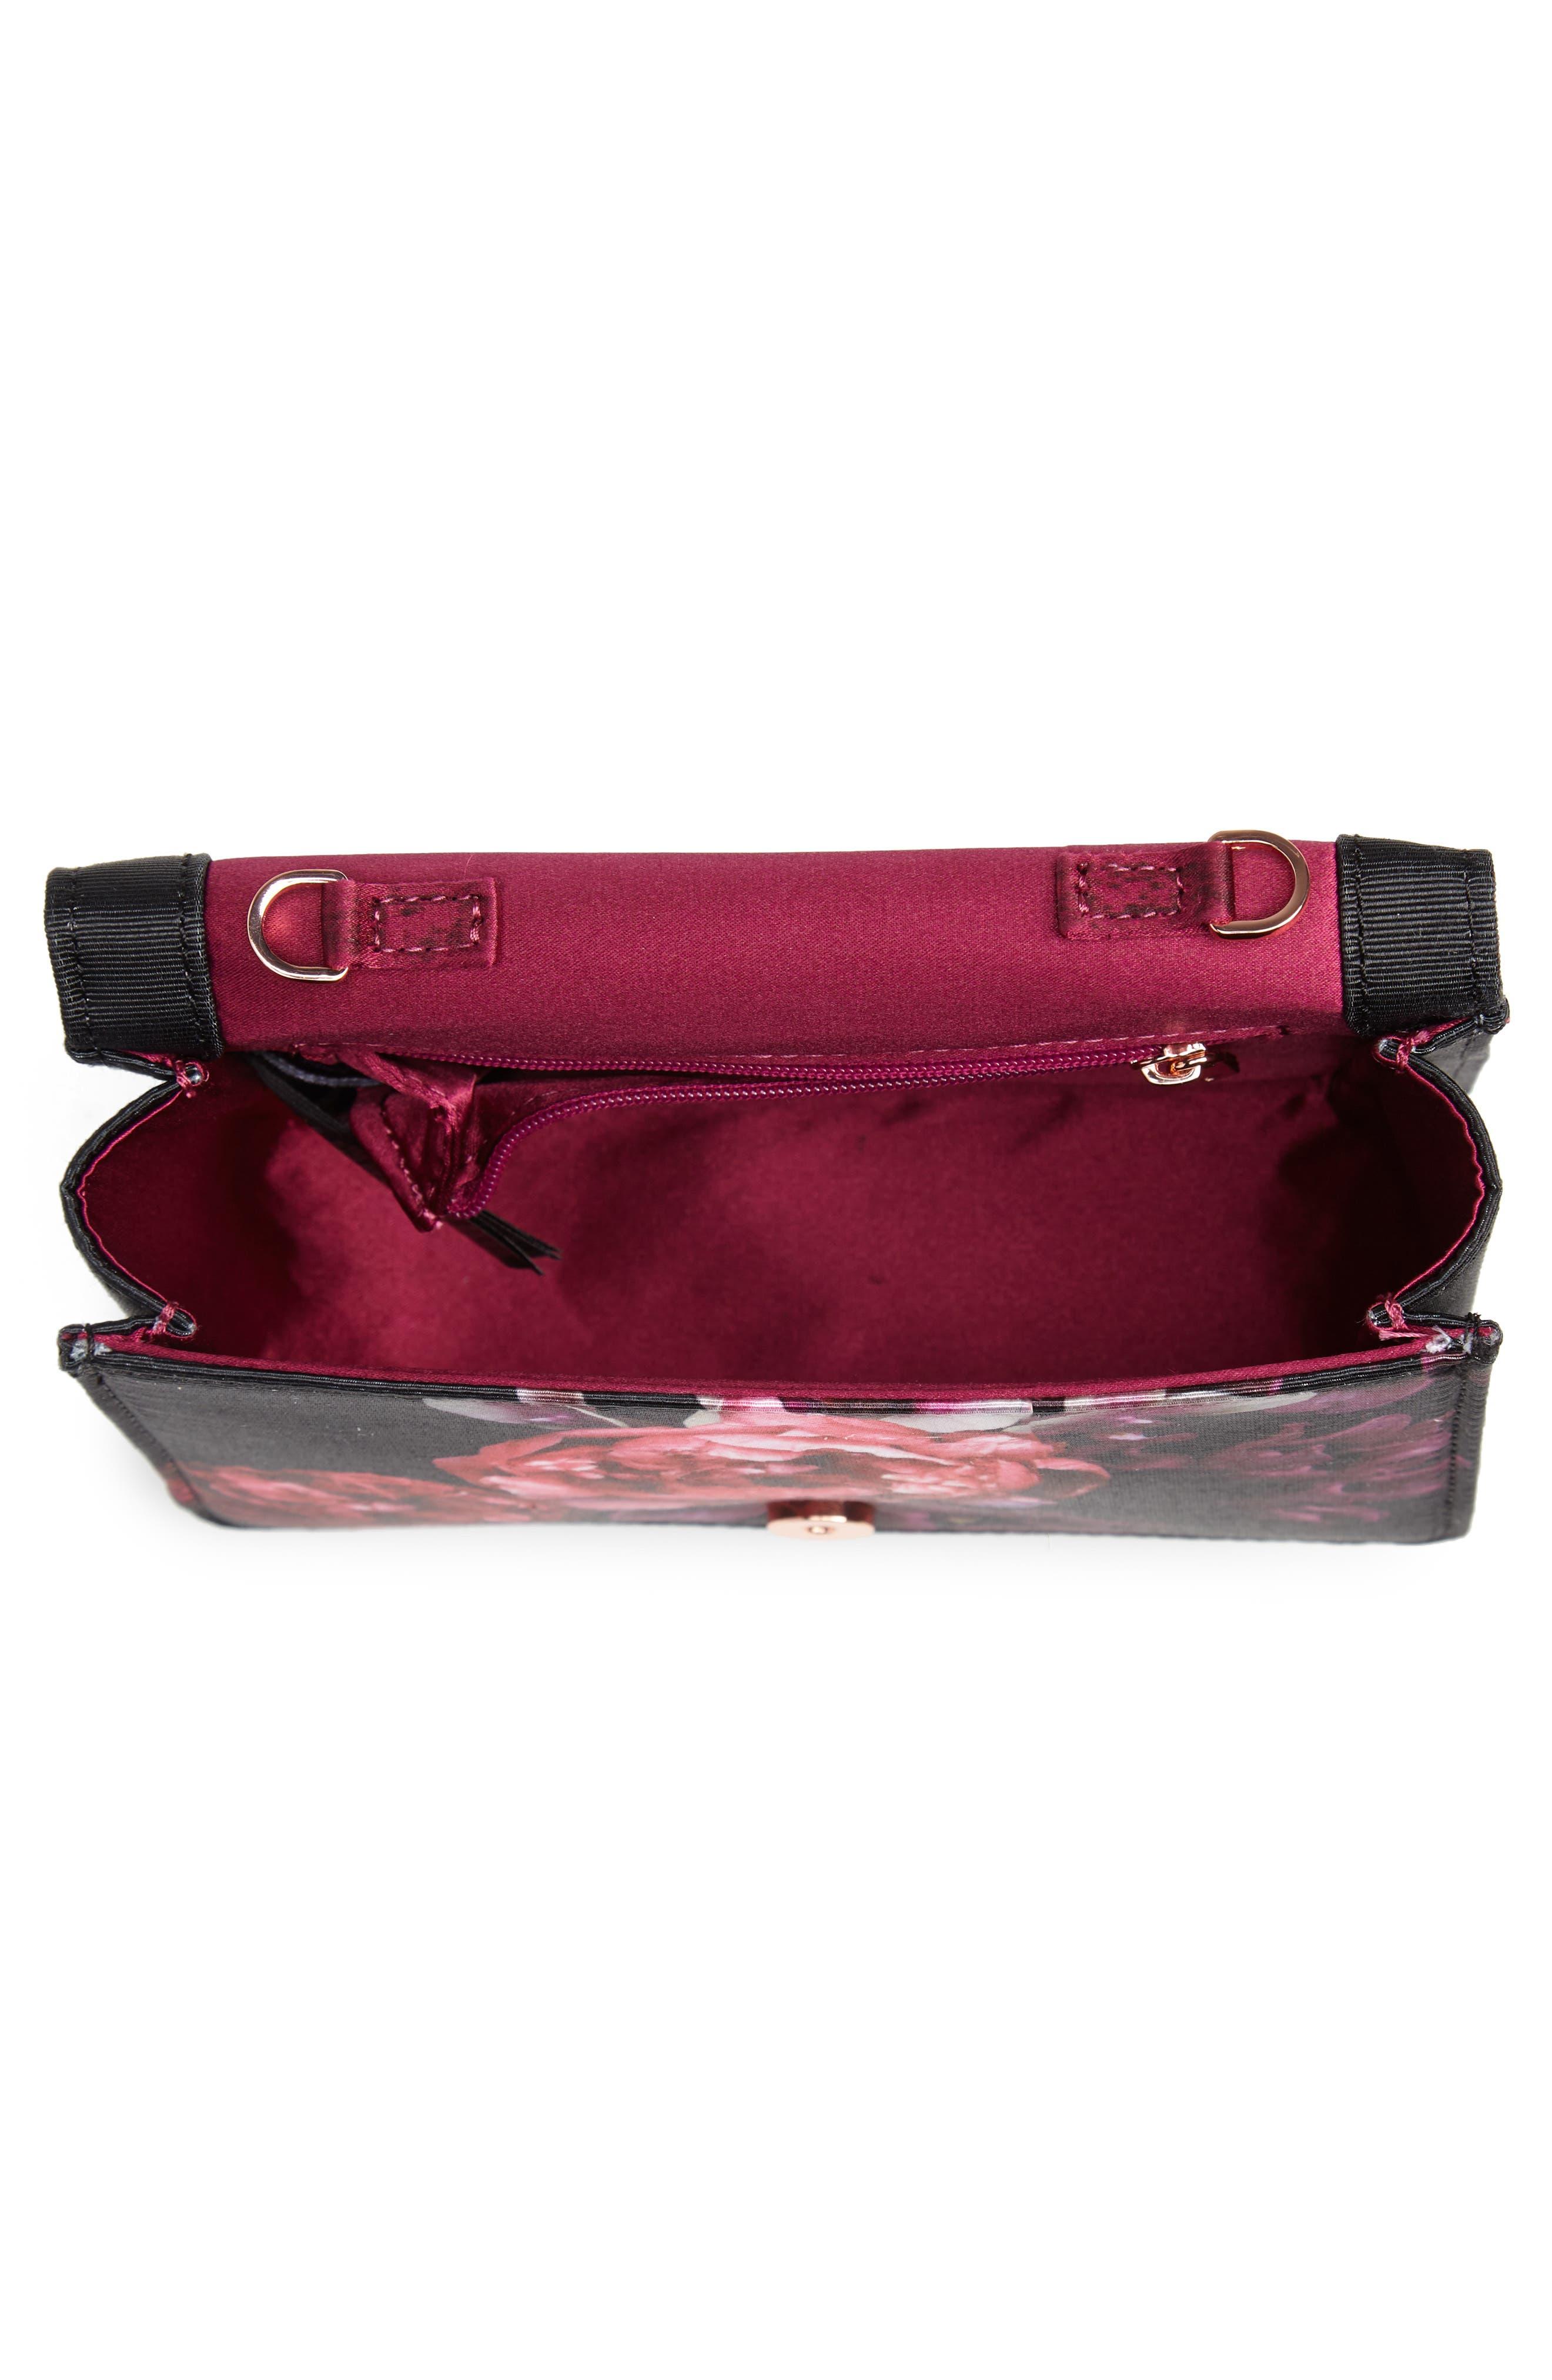 Splendour Mini Bow Evening Bag,                             Alternate thumbnail 4, color,                             001